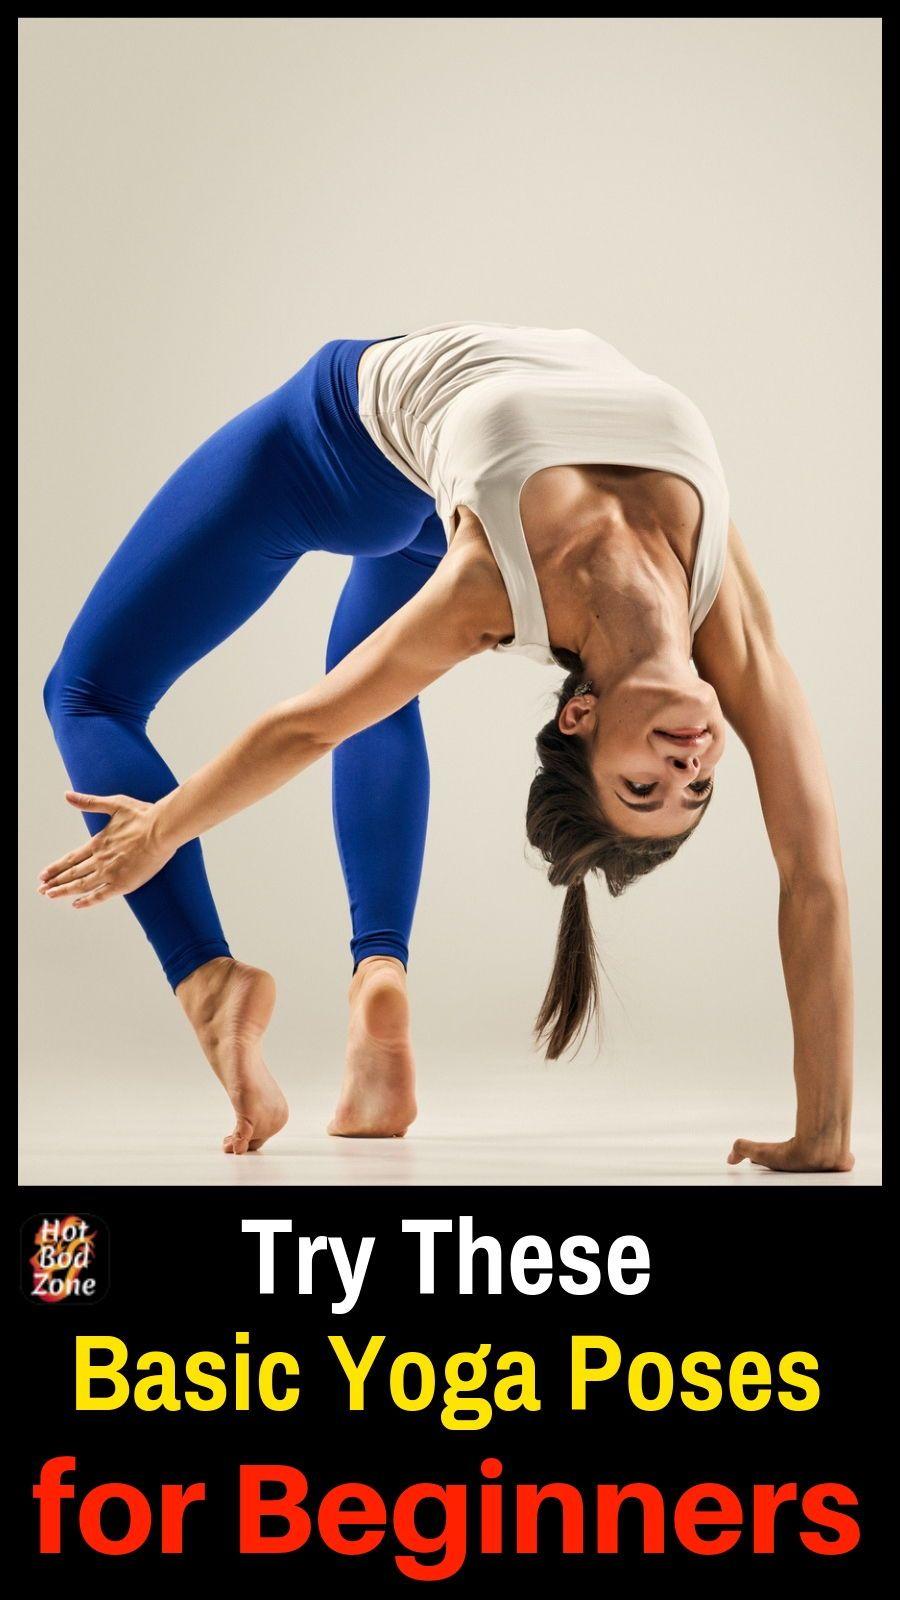 Basic Yoga Poses for Beginners   Basic yoga poses, Yoga ...